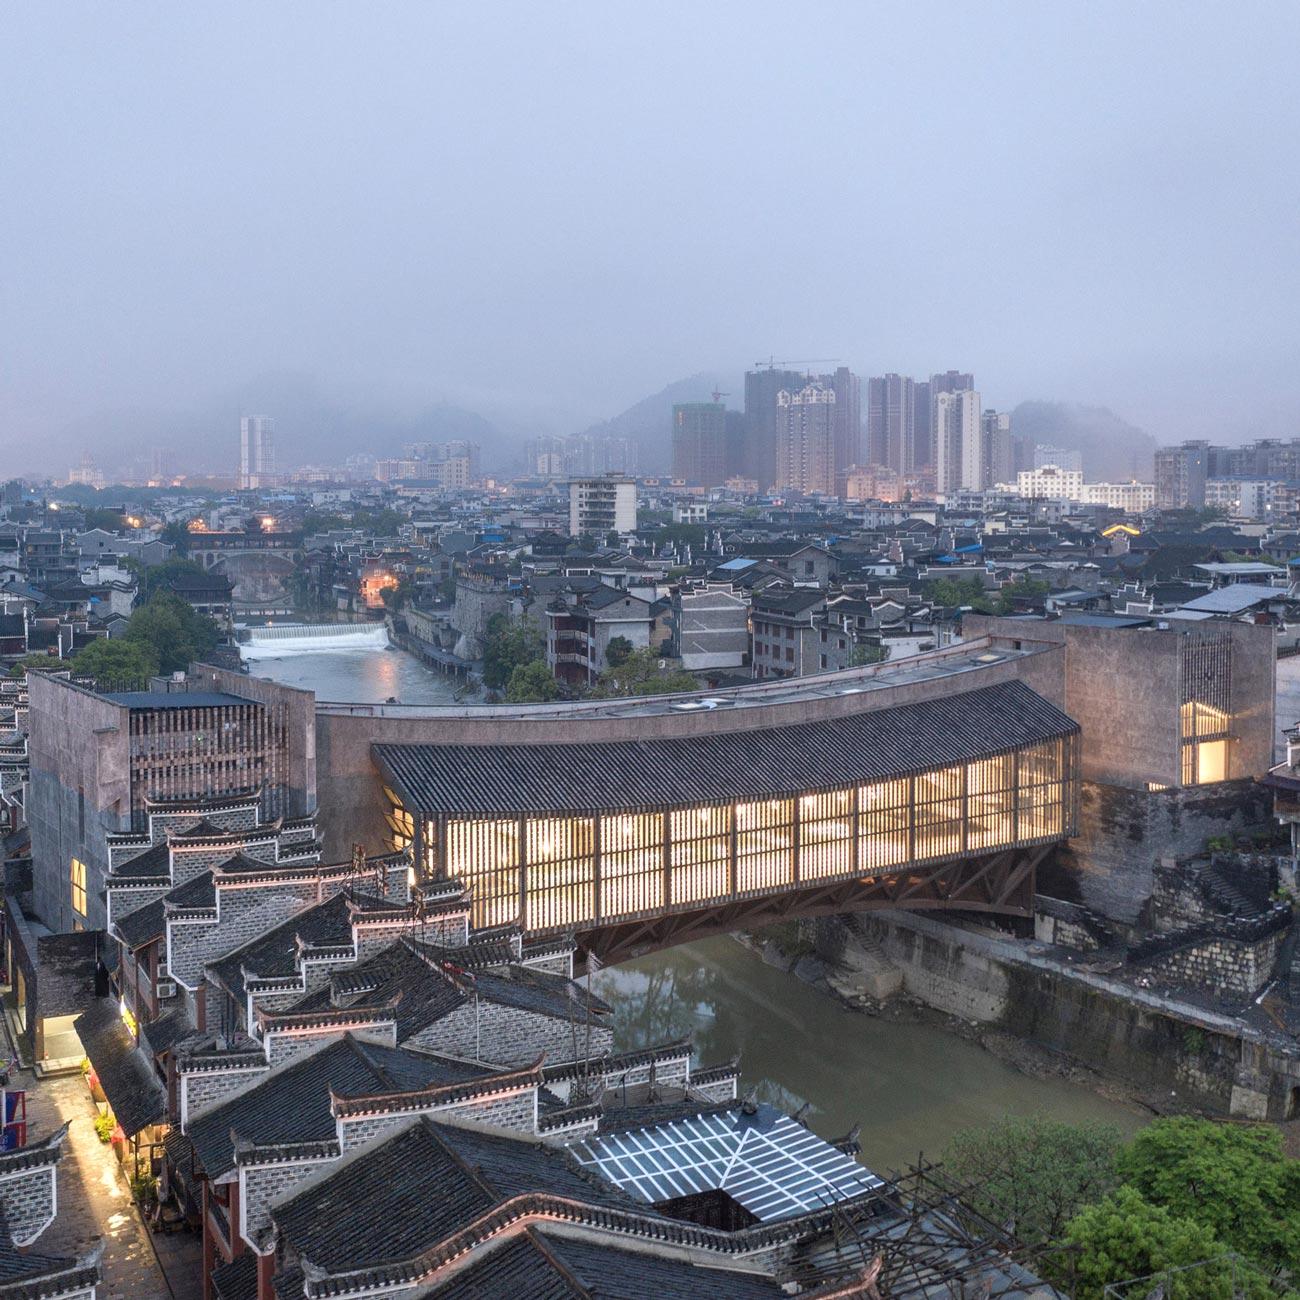 پروژه های برجسته معماری چین در سال ٢٠١٩